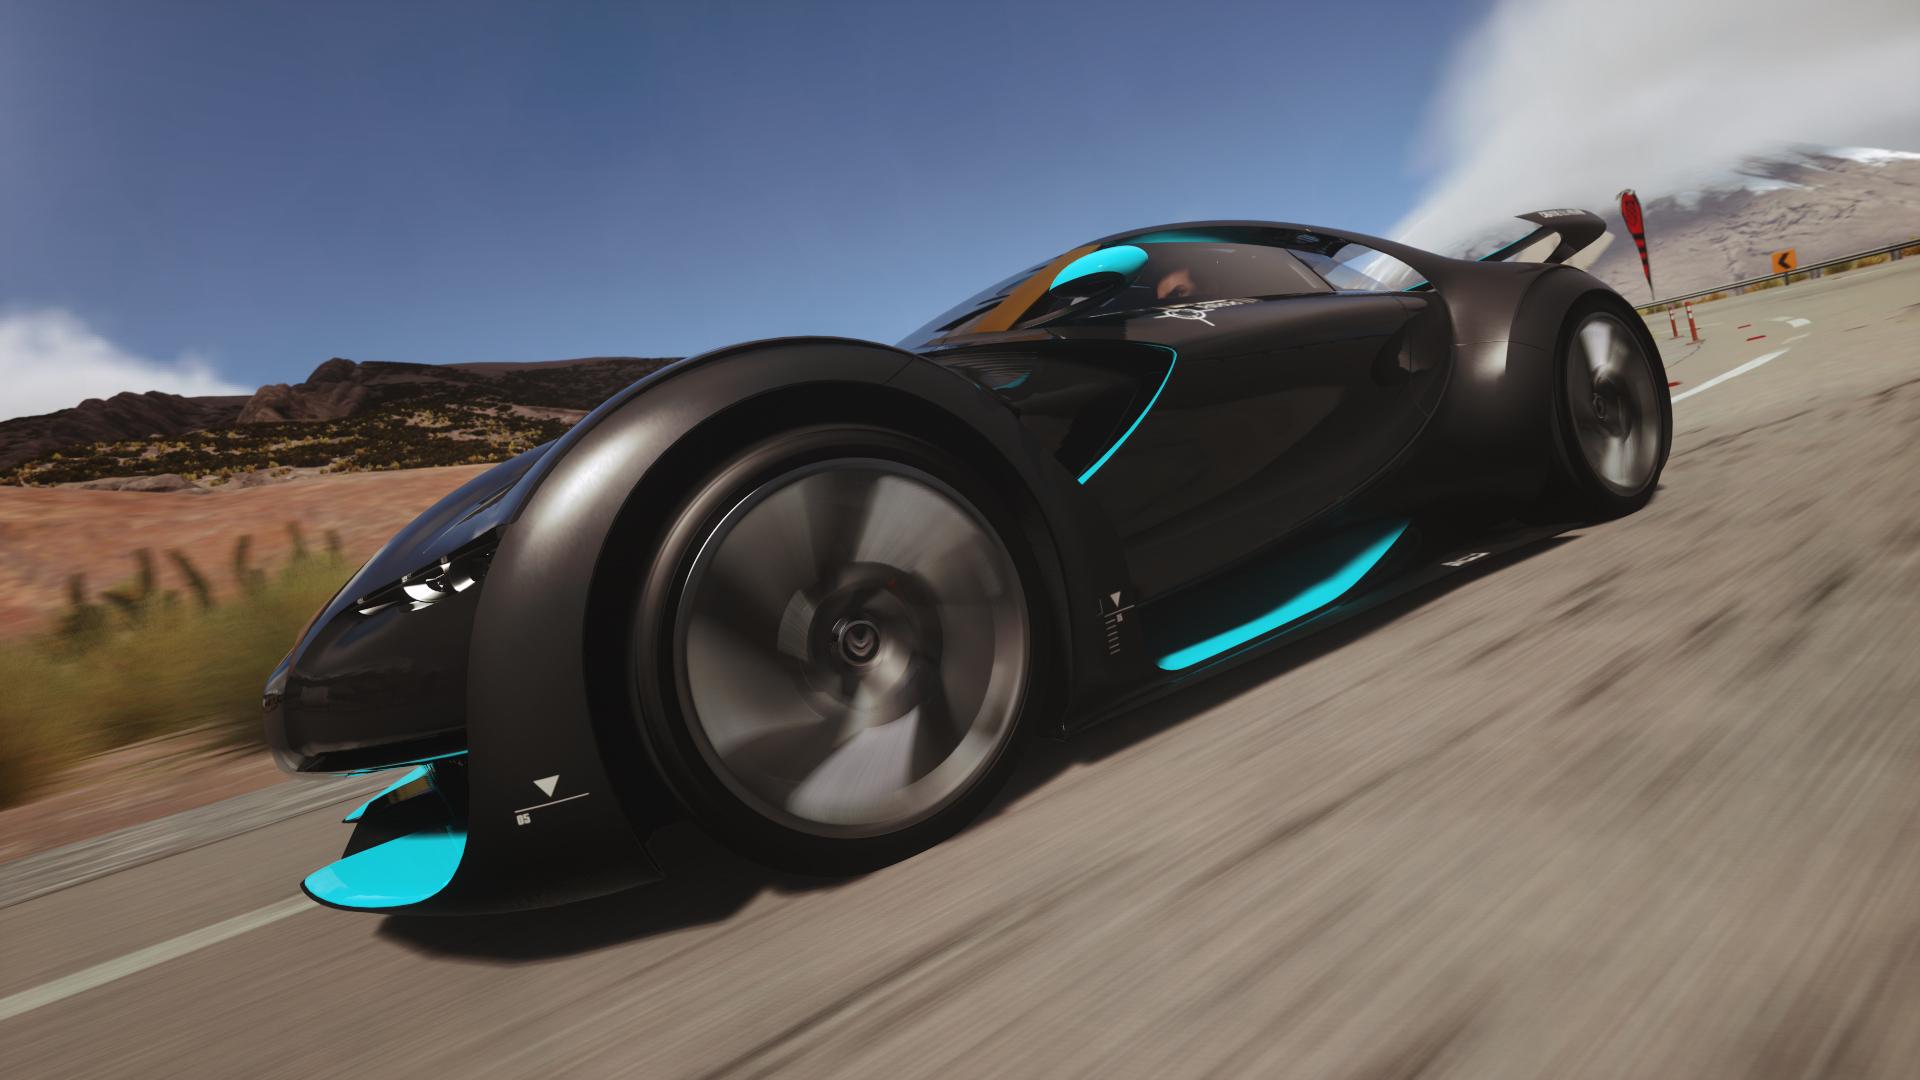 Ďábelská Lamborghini přijíždí do hry DriveClub 109020